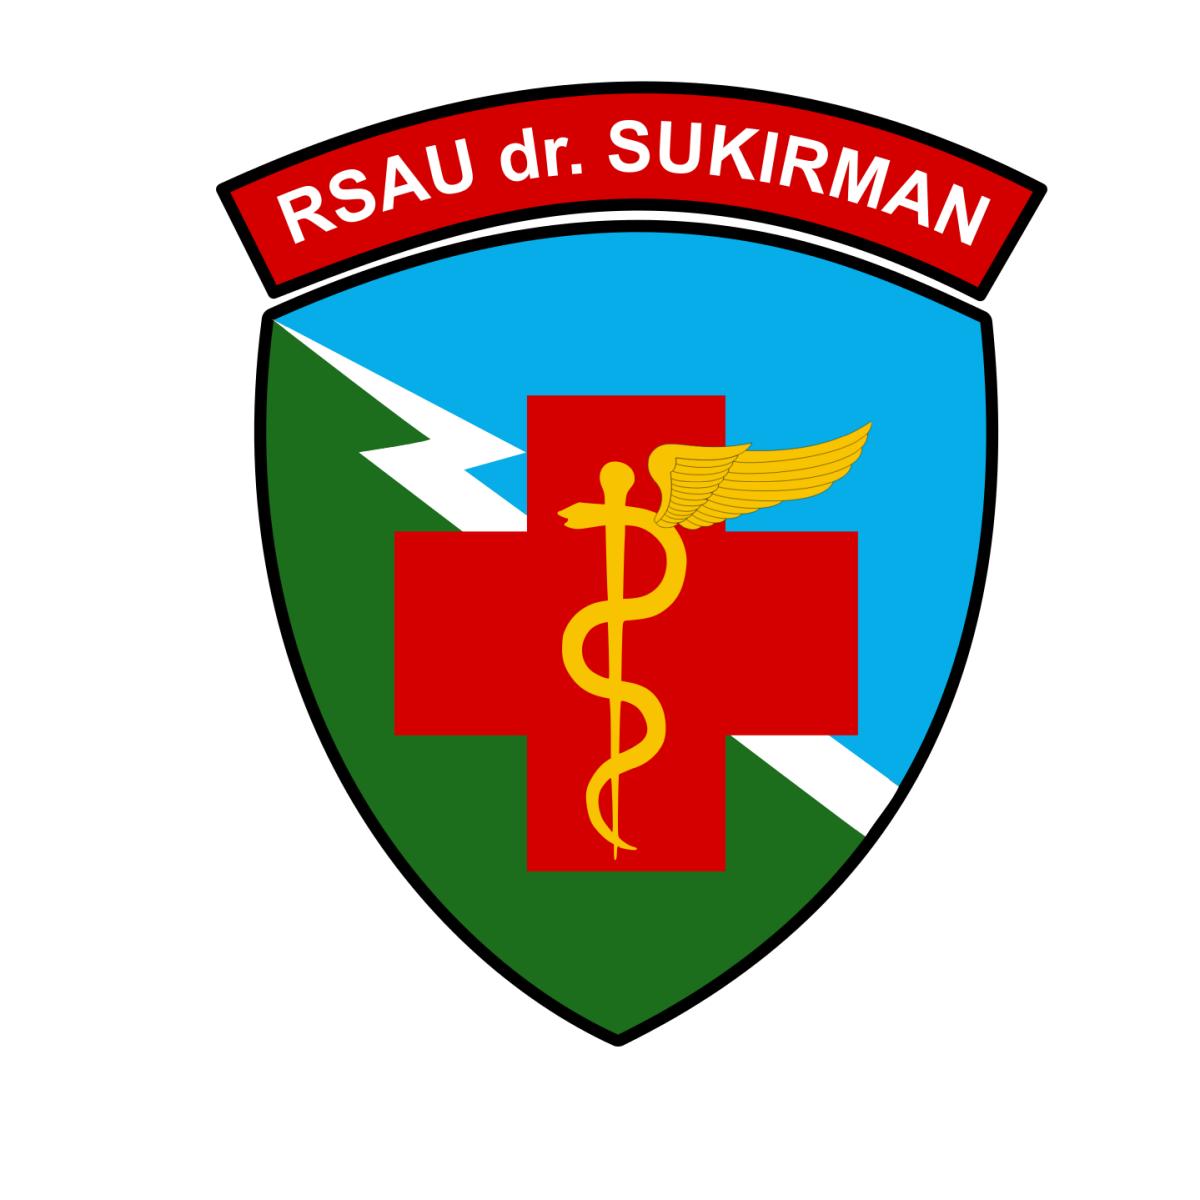 logo_rsau_dr-sukirman